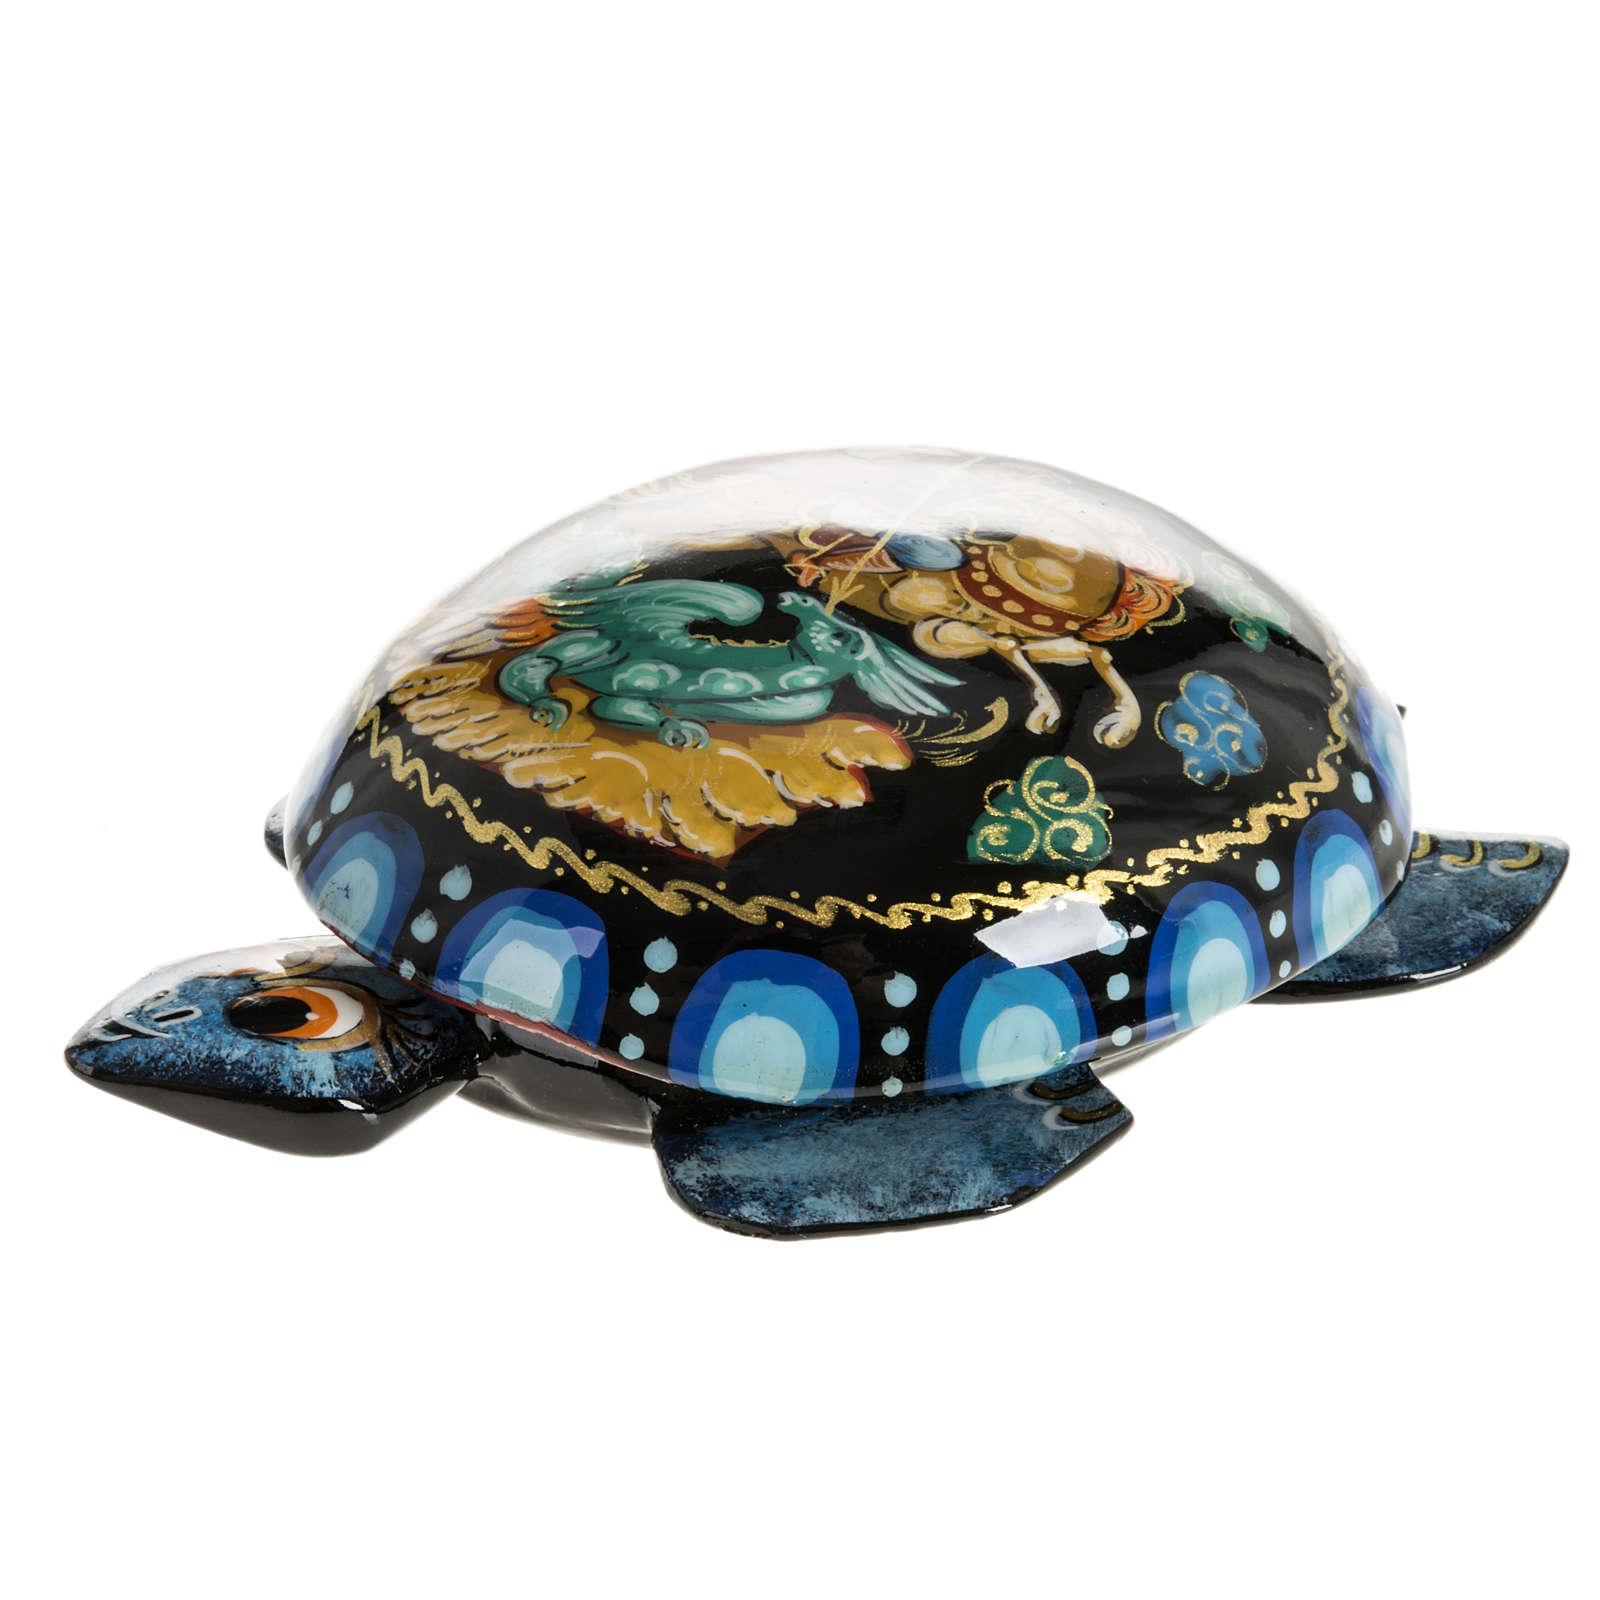 Scatola lacca tartaruga blu San Giorgio Kholuy 4